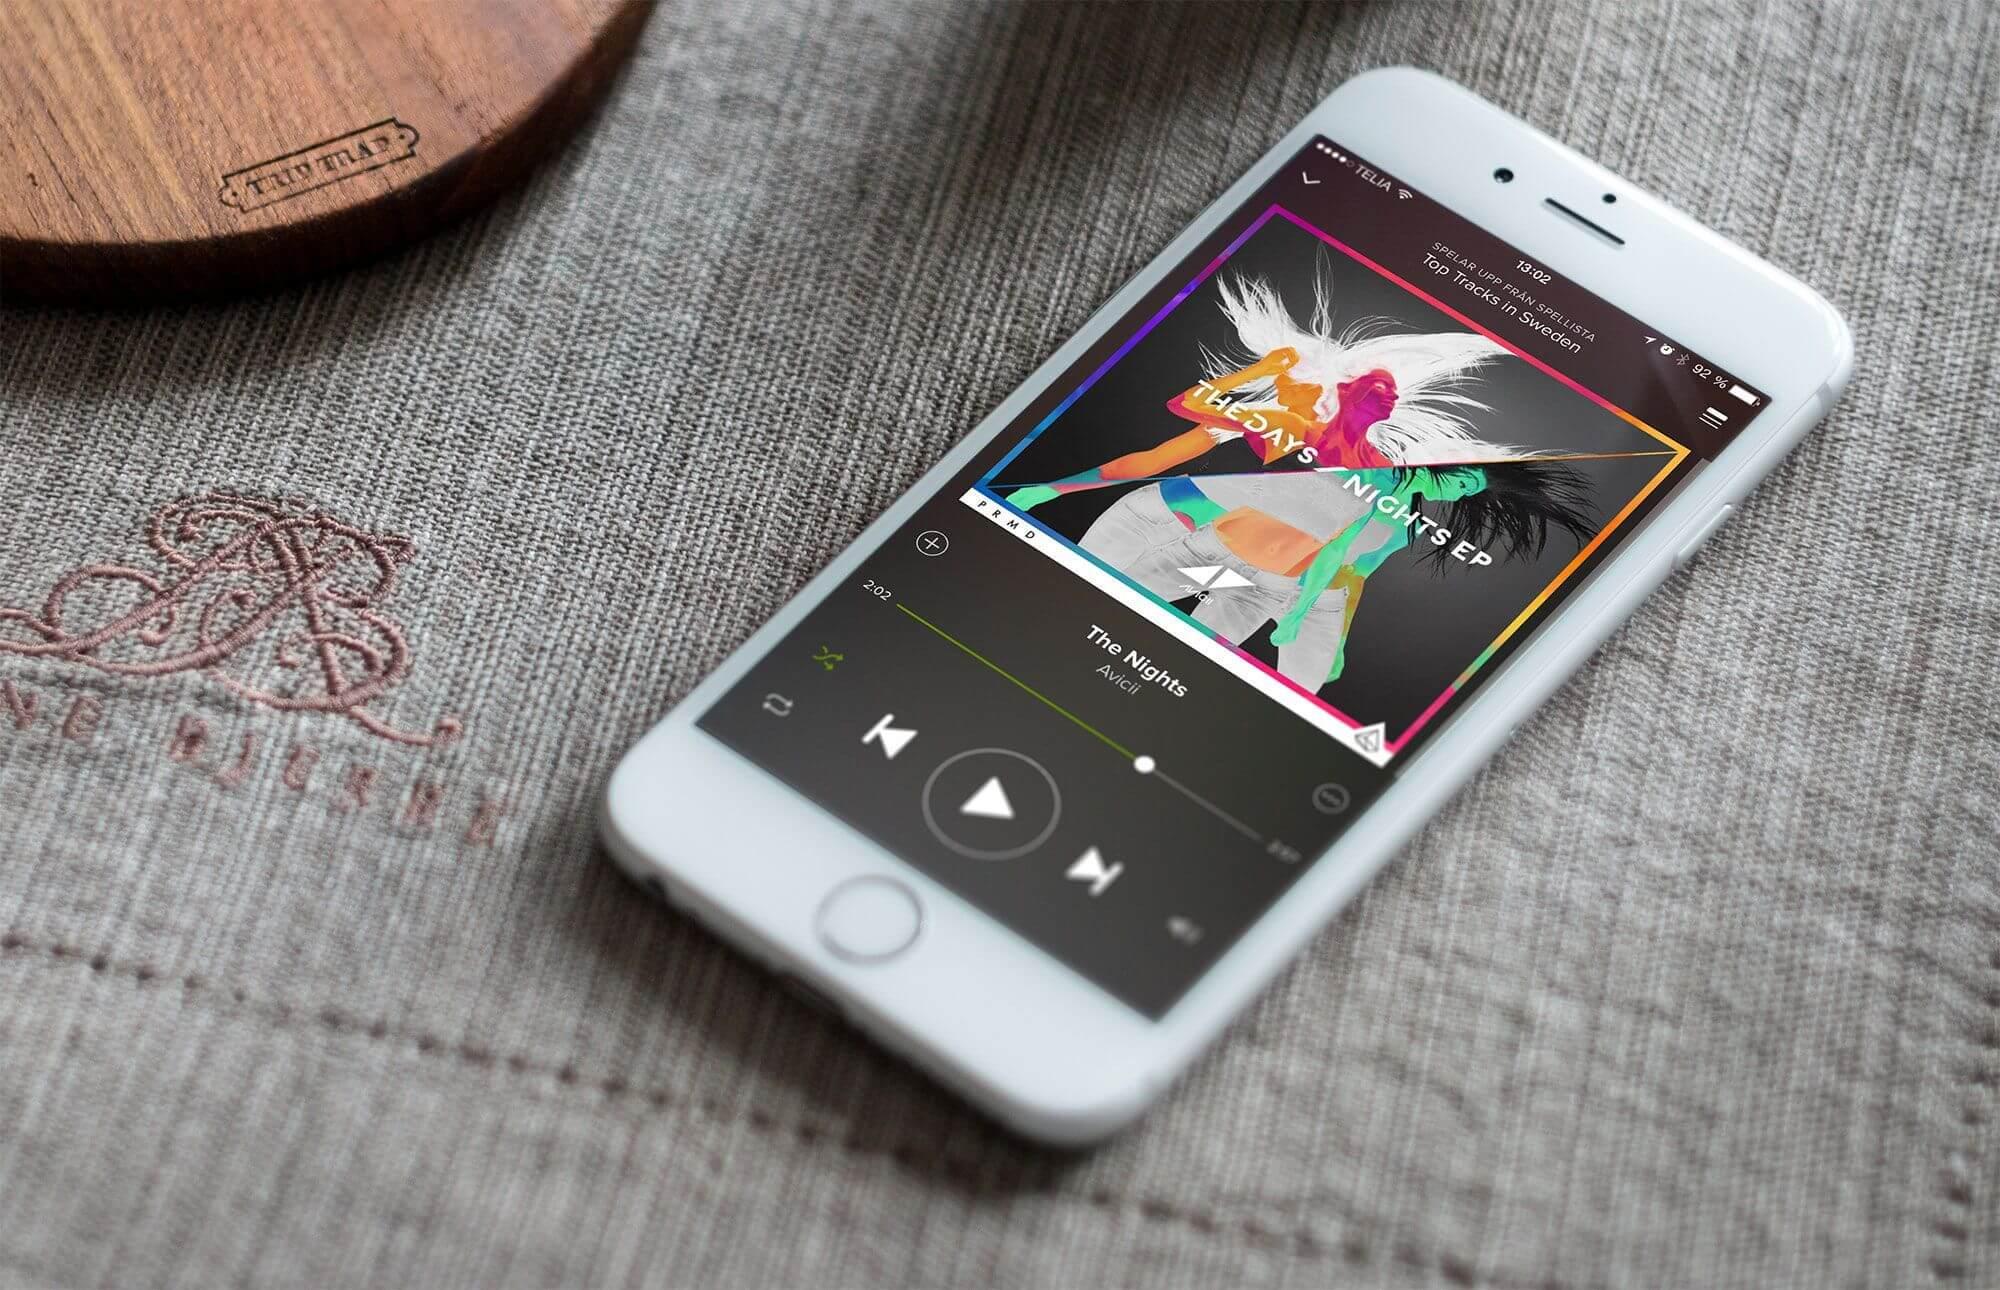 iPhone bluetooth kulaklık bağlantı sorunu iPhone Bluetooth Kulaklık Bağlantı Sorunu Çözümü bluetooth kulaklik sorunu